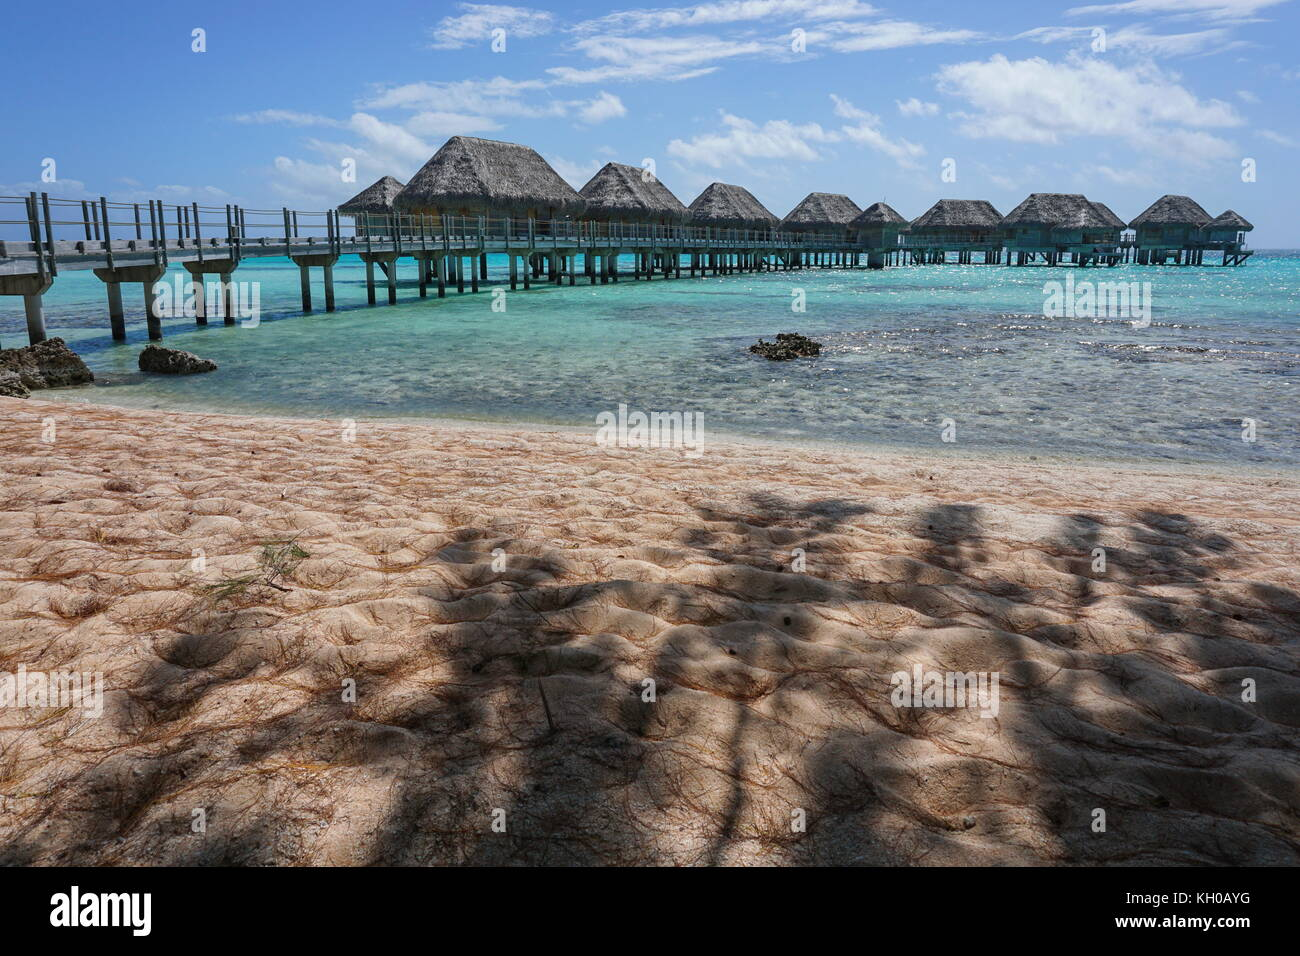 Laguna tropical con bungalows sobre el agua de un complejo visto desde una playa de arena a la sombra de los árboles, Foto de stock